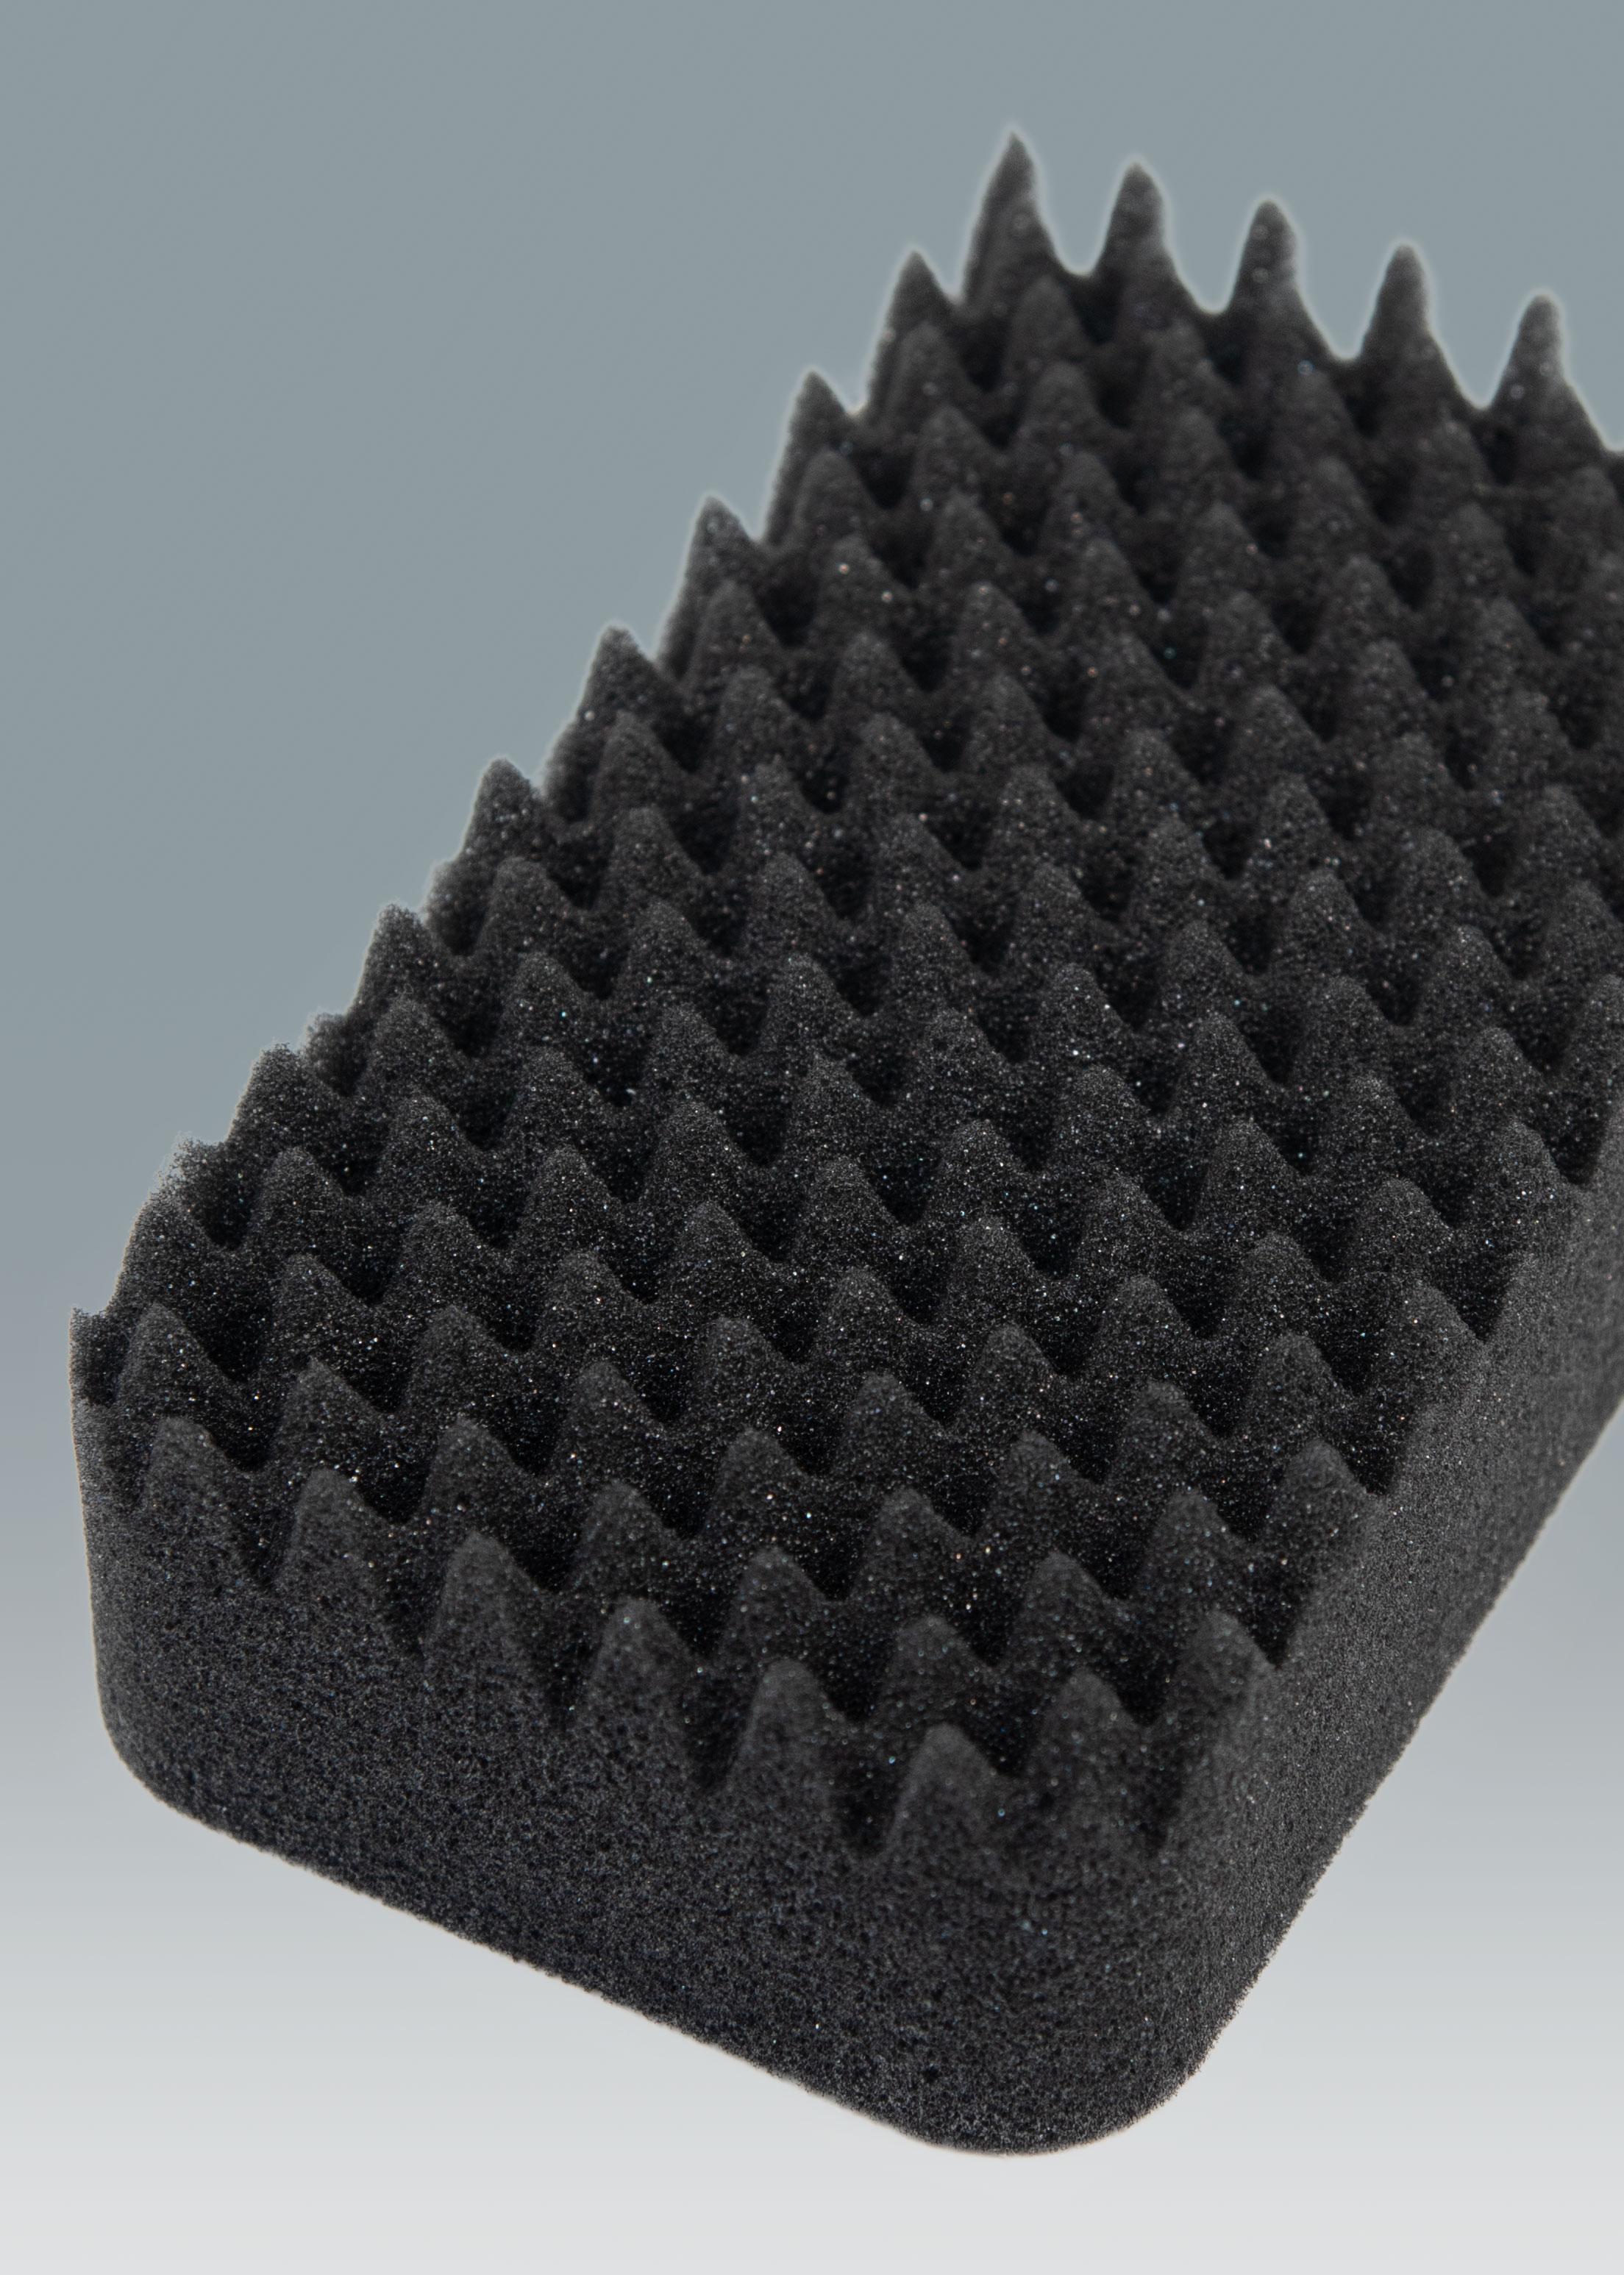 D-PRO Puresoft Sponge 高性能洗車用スポンジ